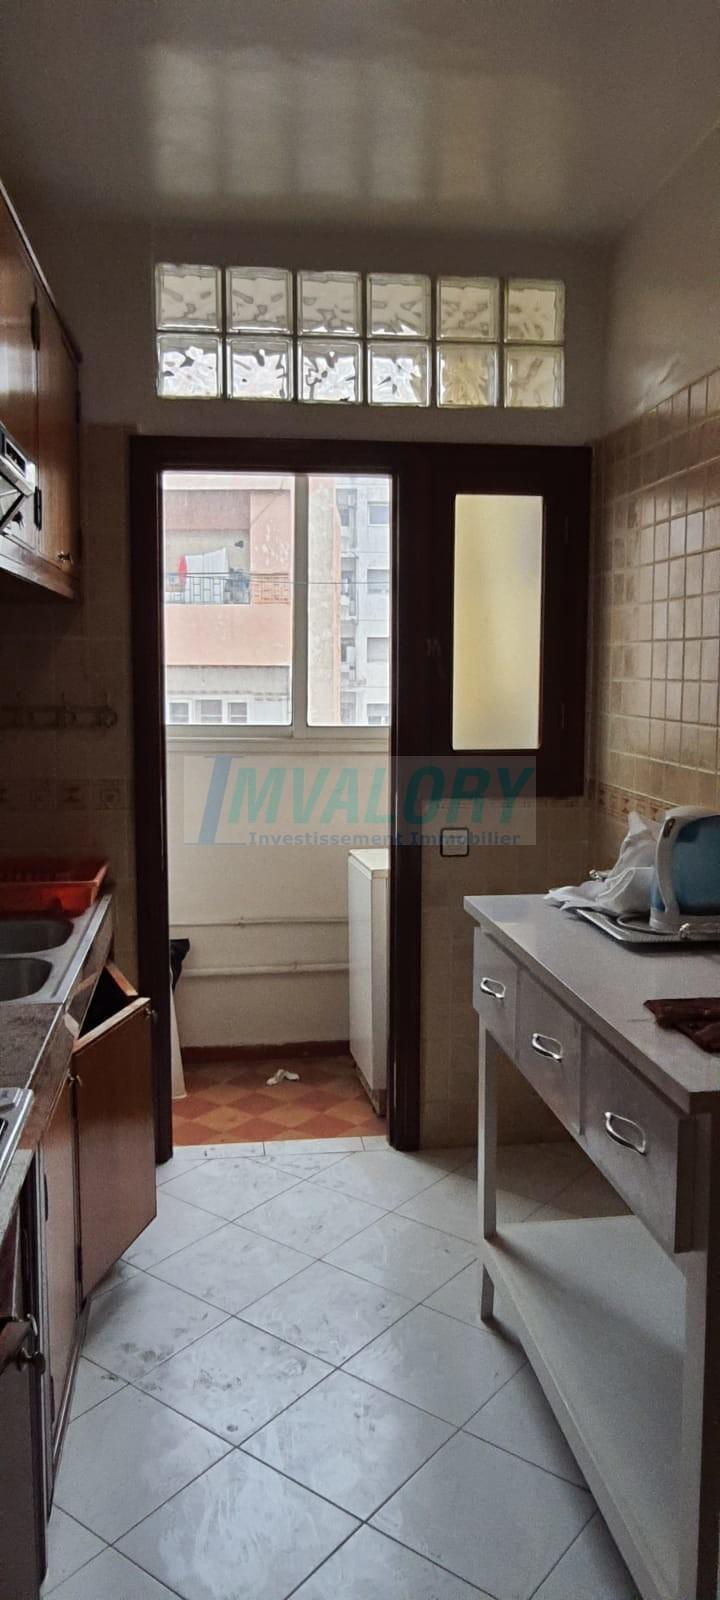 A vendre appartement 72m2 Bd Roudani.